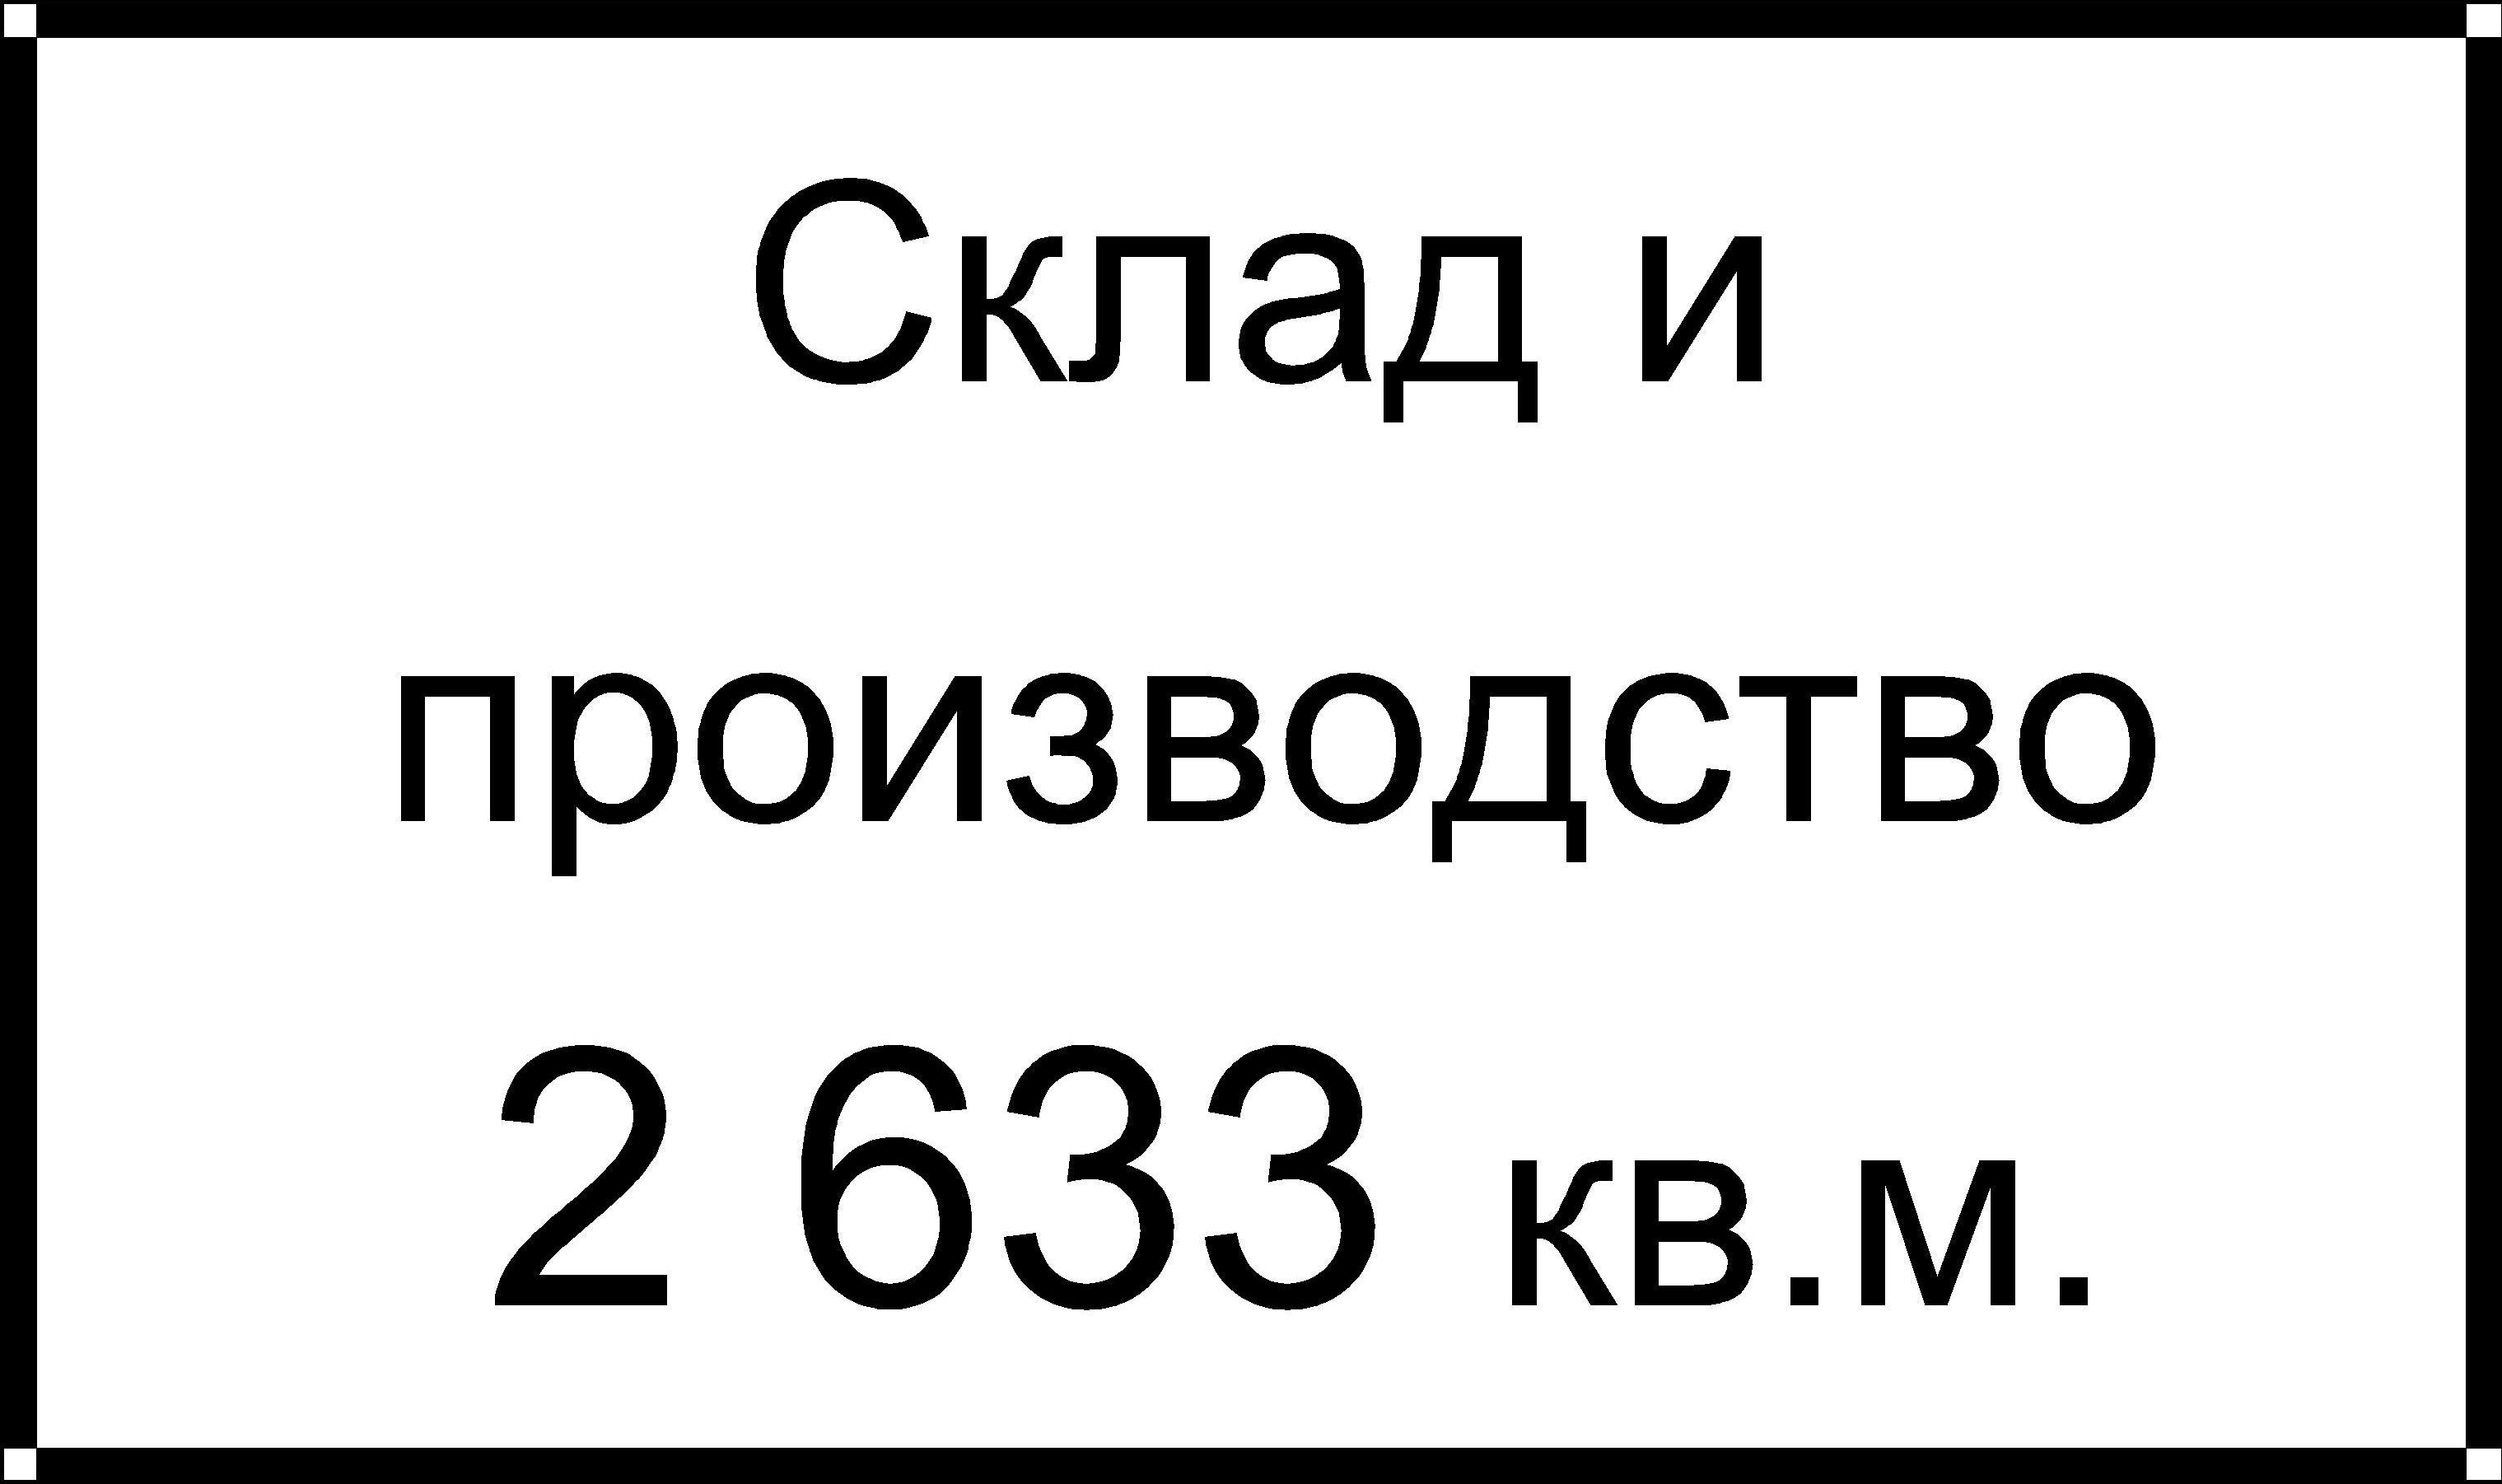 Индустриальный Парк MLPЛюберцы  Официальный сайт бизнес